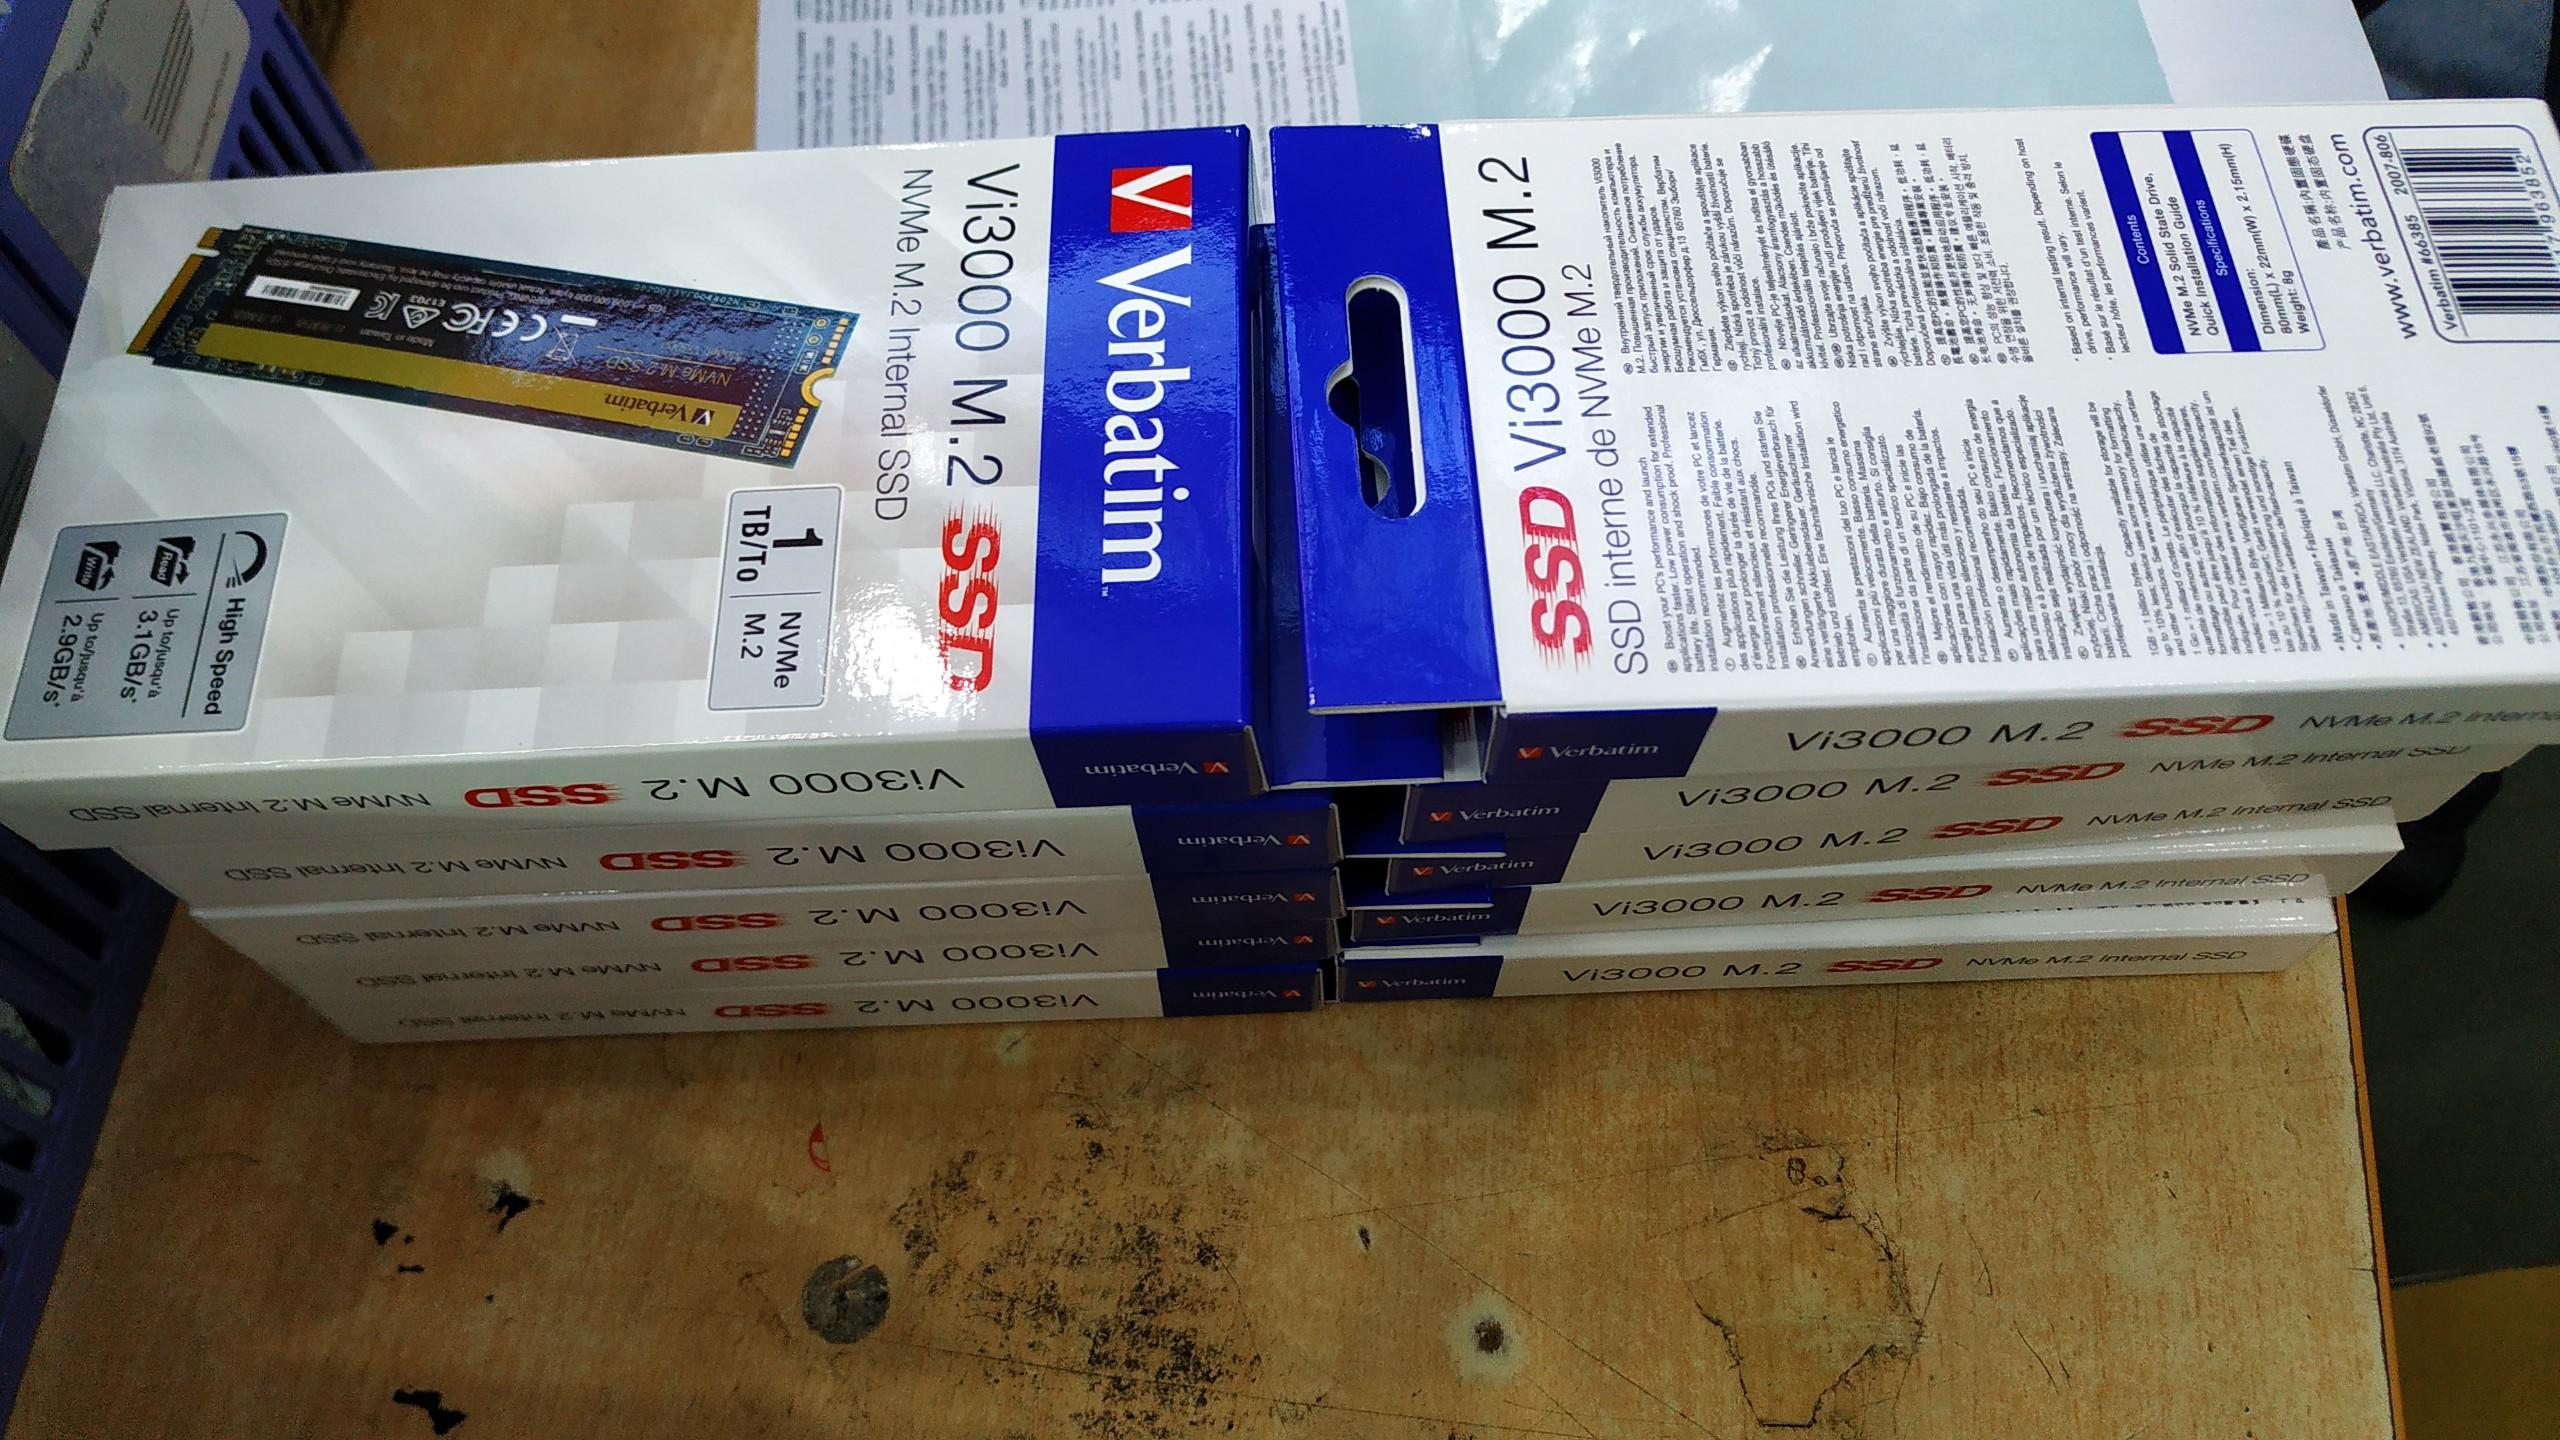 Ổ cứng Verbatim SSD NVMe M.2 1TB (Vi3000)- Hàng chính hãng